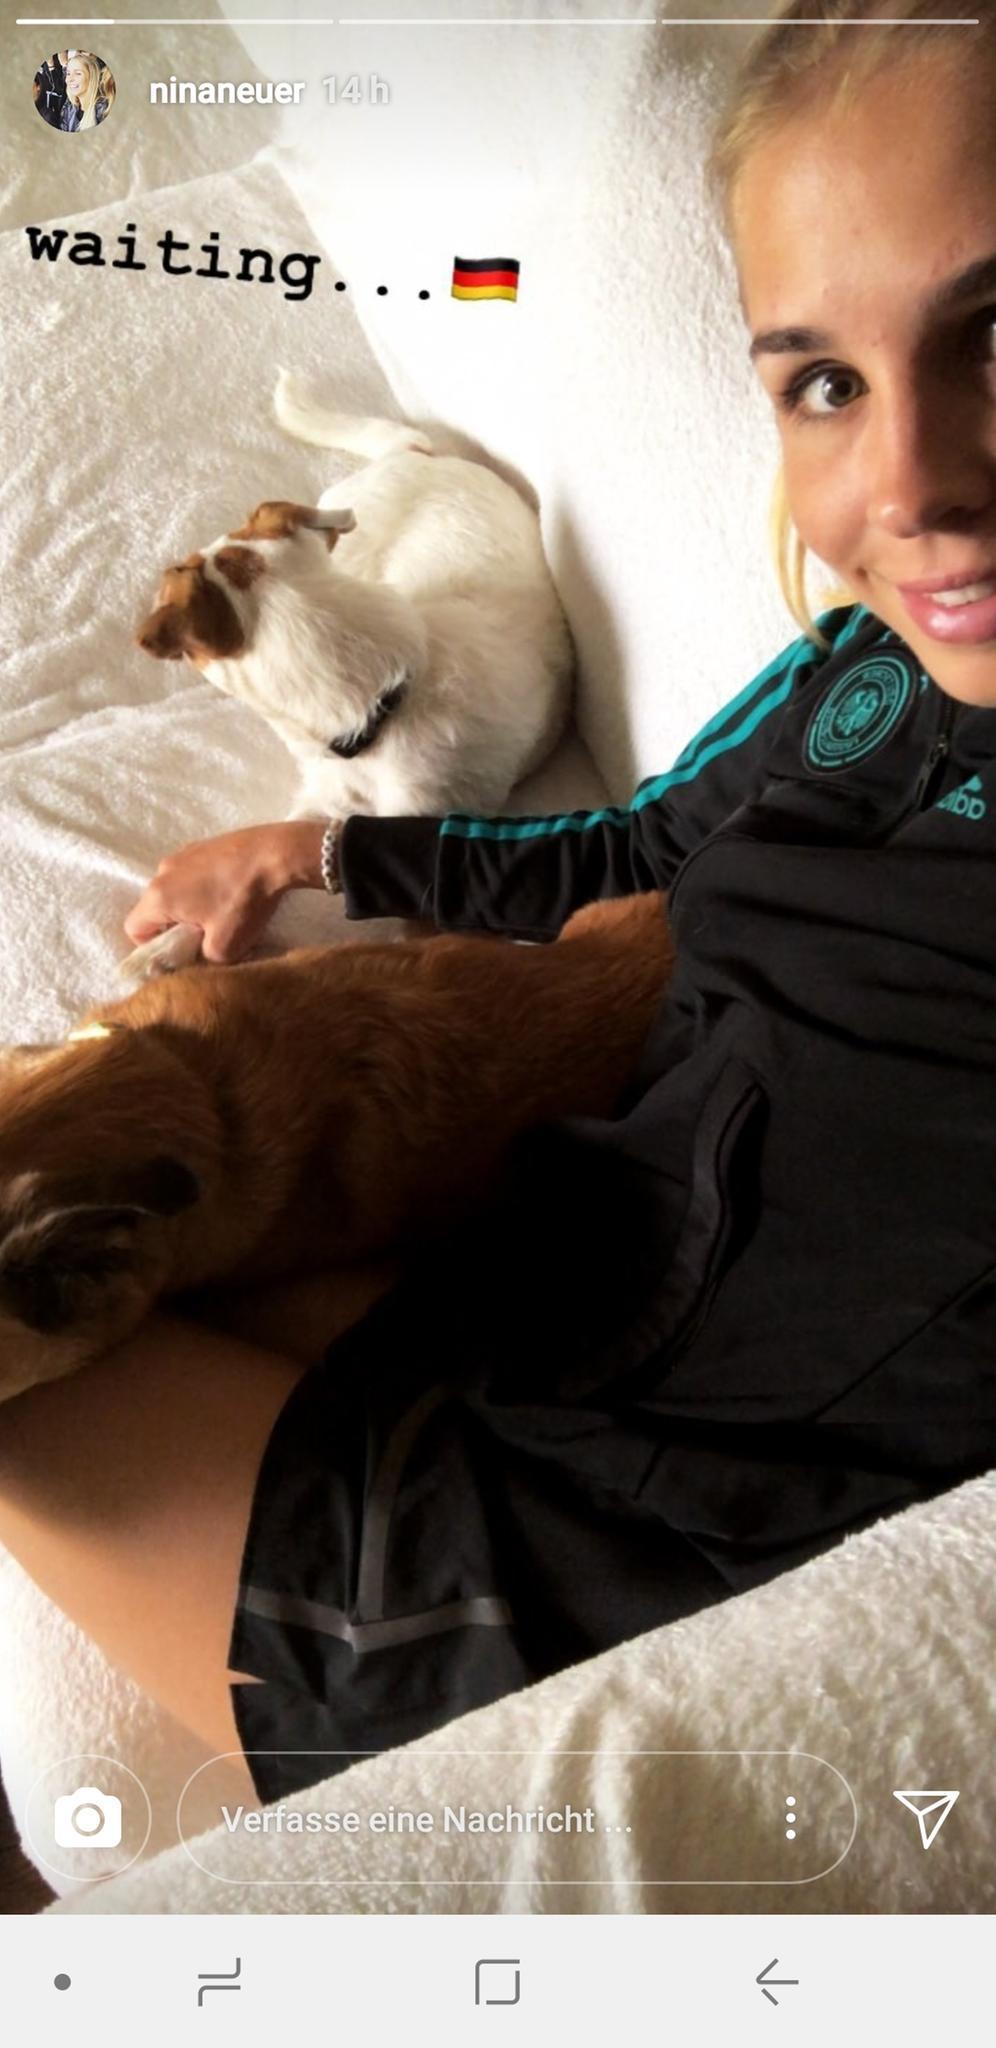 Nina Neuer, die Ehefrau von Manuel Neuer, schaut mit ihrem Hund auf der Couch das Spiel Südkorea gegen Deutschland